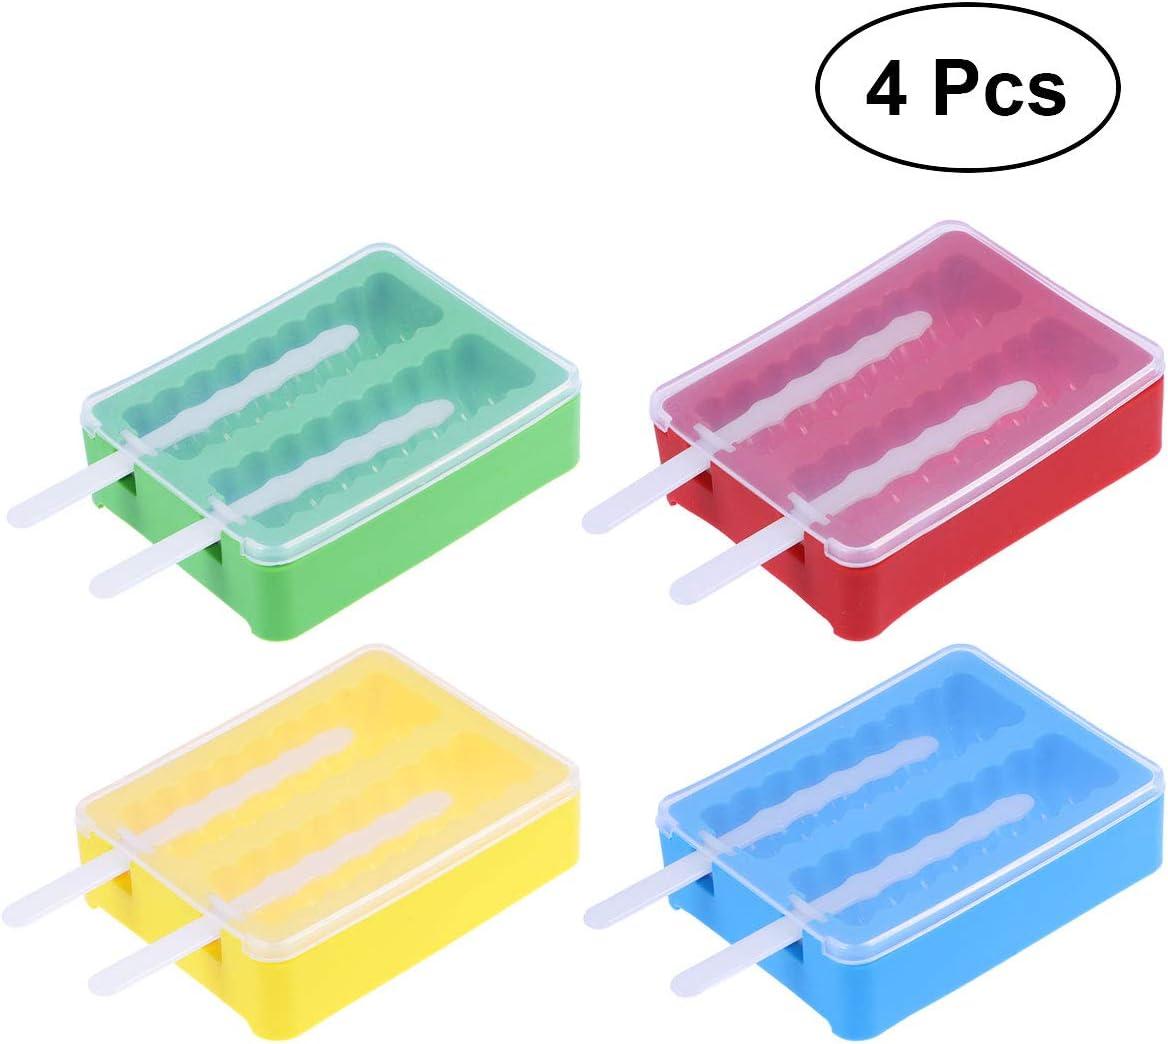 OUNONA 4 St/ück Eisformen Silikon Stieleisformen Eis-Lolly Eiscreme-Formen f/ür Eispop-Hersteller mit Kunststoffdeckeln und Ruten Eiscreme-Formen